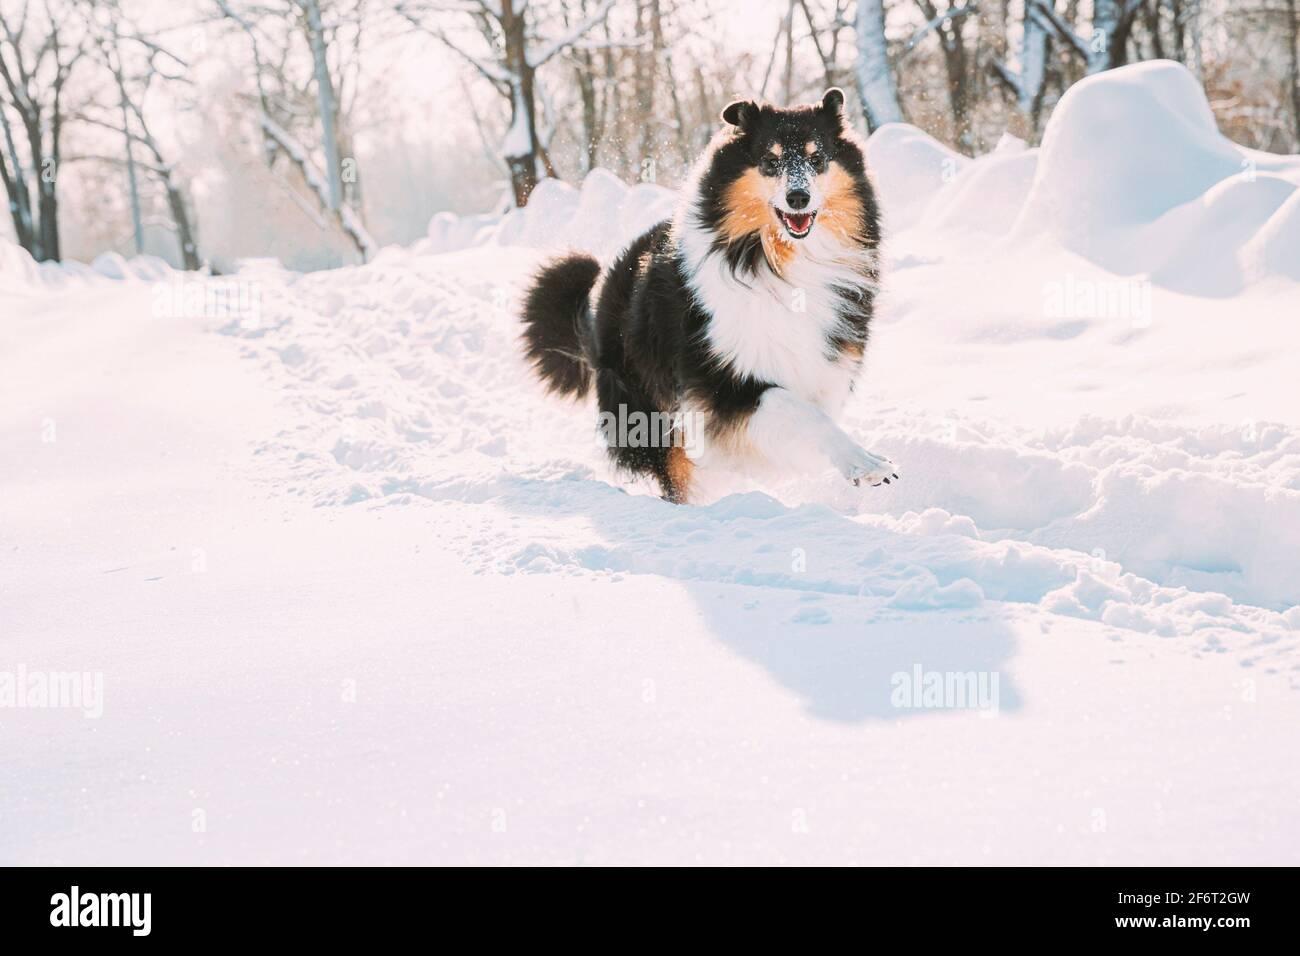 Funny Jeunes Shetland Sheepdog Sheltie, Collie, Course rapide en plein air parc enneigé. Animal ludique en hiver Forêt. Banque D'Images